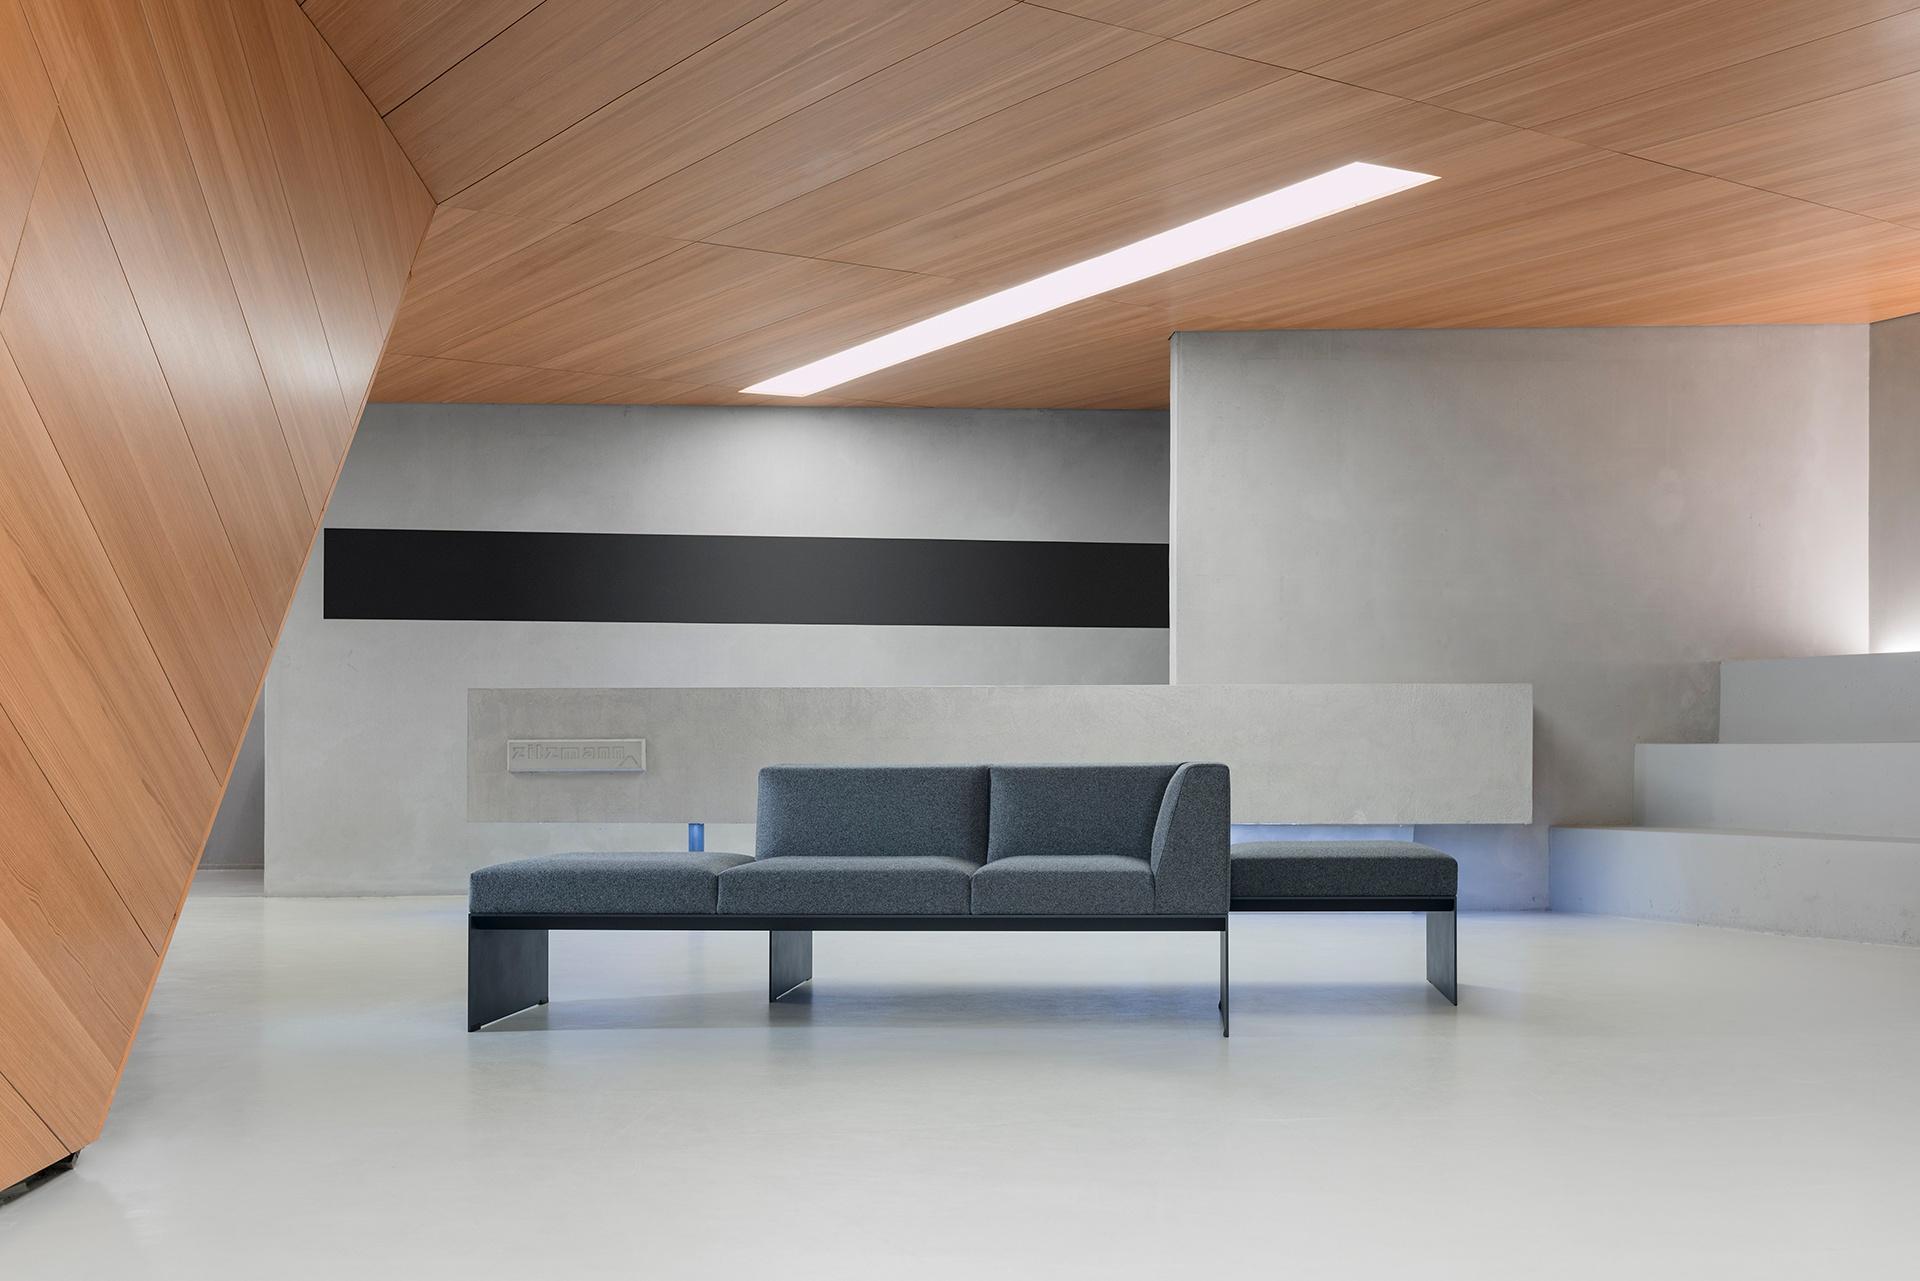 Ubegrænsede muligheder med nyt loungesystem fra Brunner